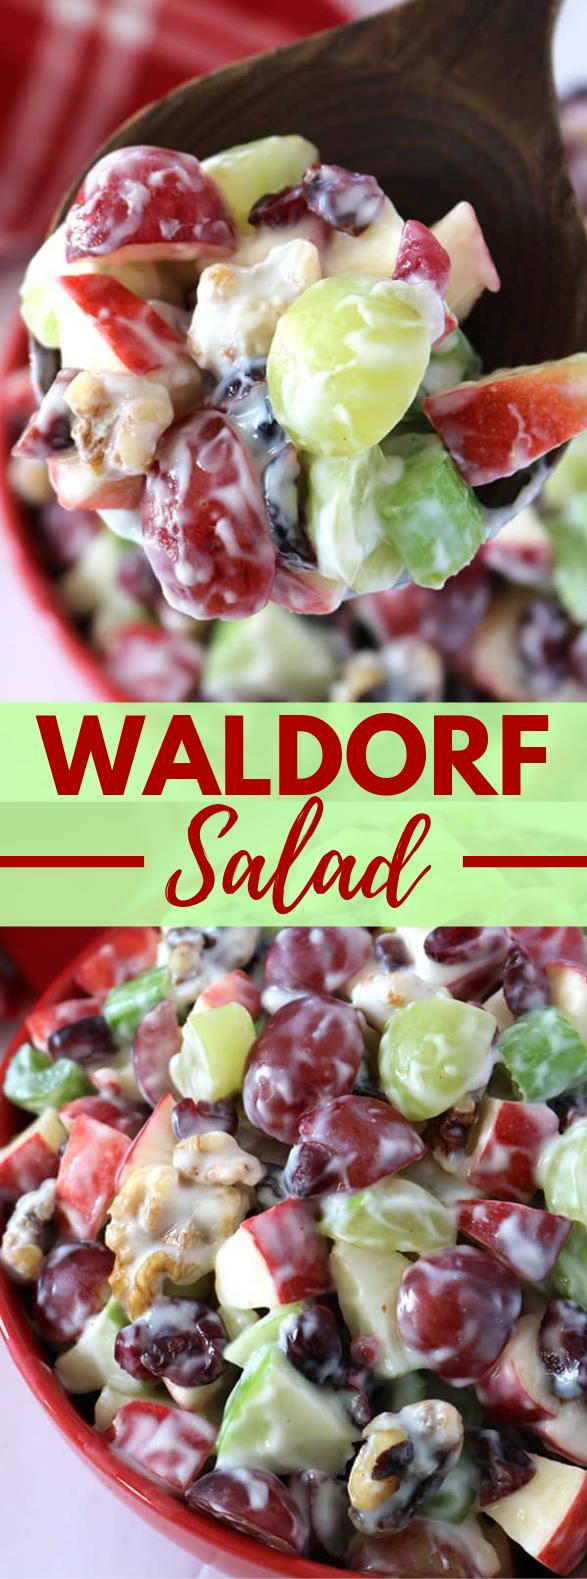 WALDORF SALAD #healthydiet #dietmenu